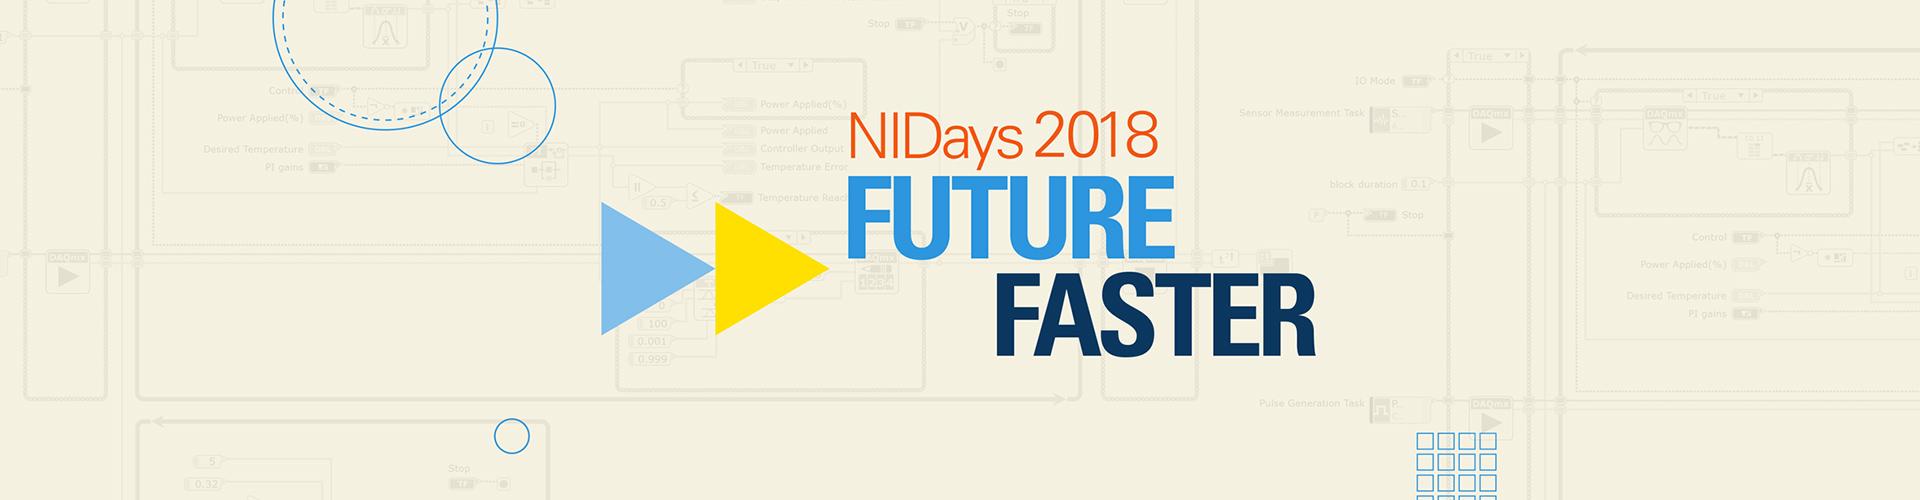 Dunod partenaire des NIDays 2018 pour le livre LabVIEW